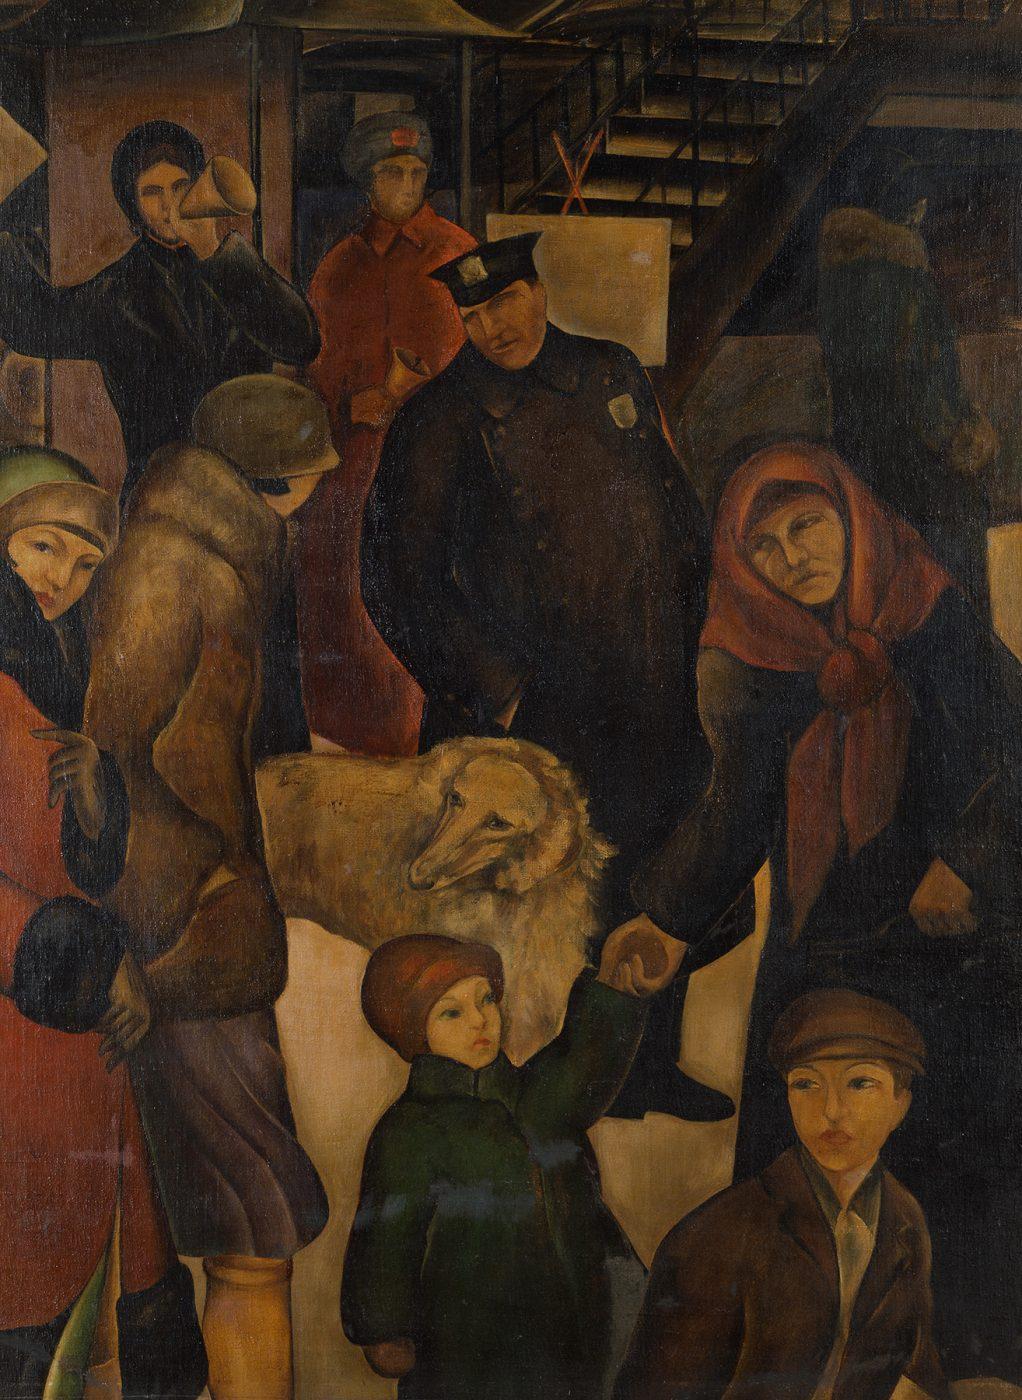 石垣栄太郎《街》1925年 神奈川県立近代美術館蔵